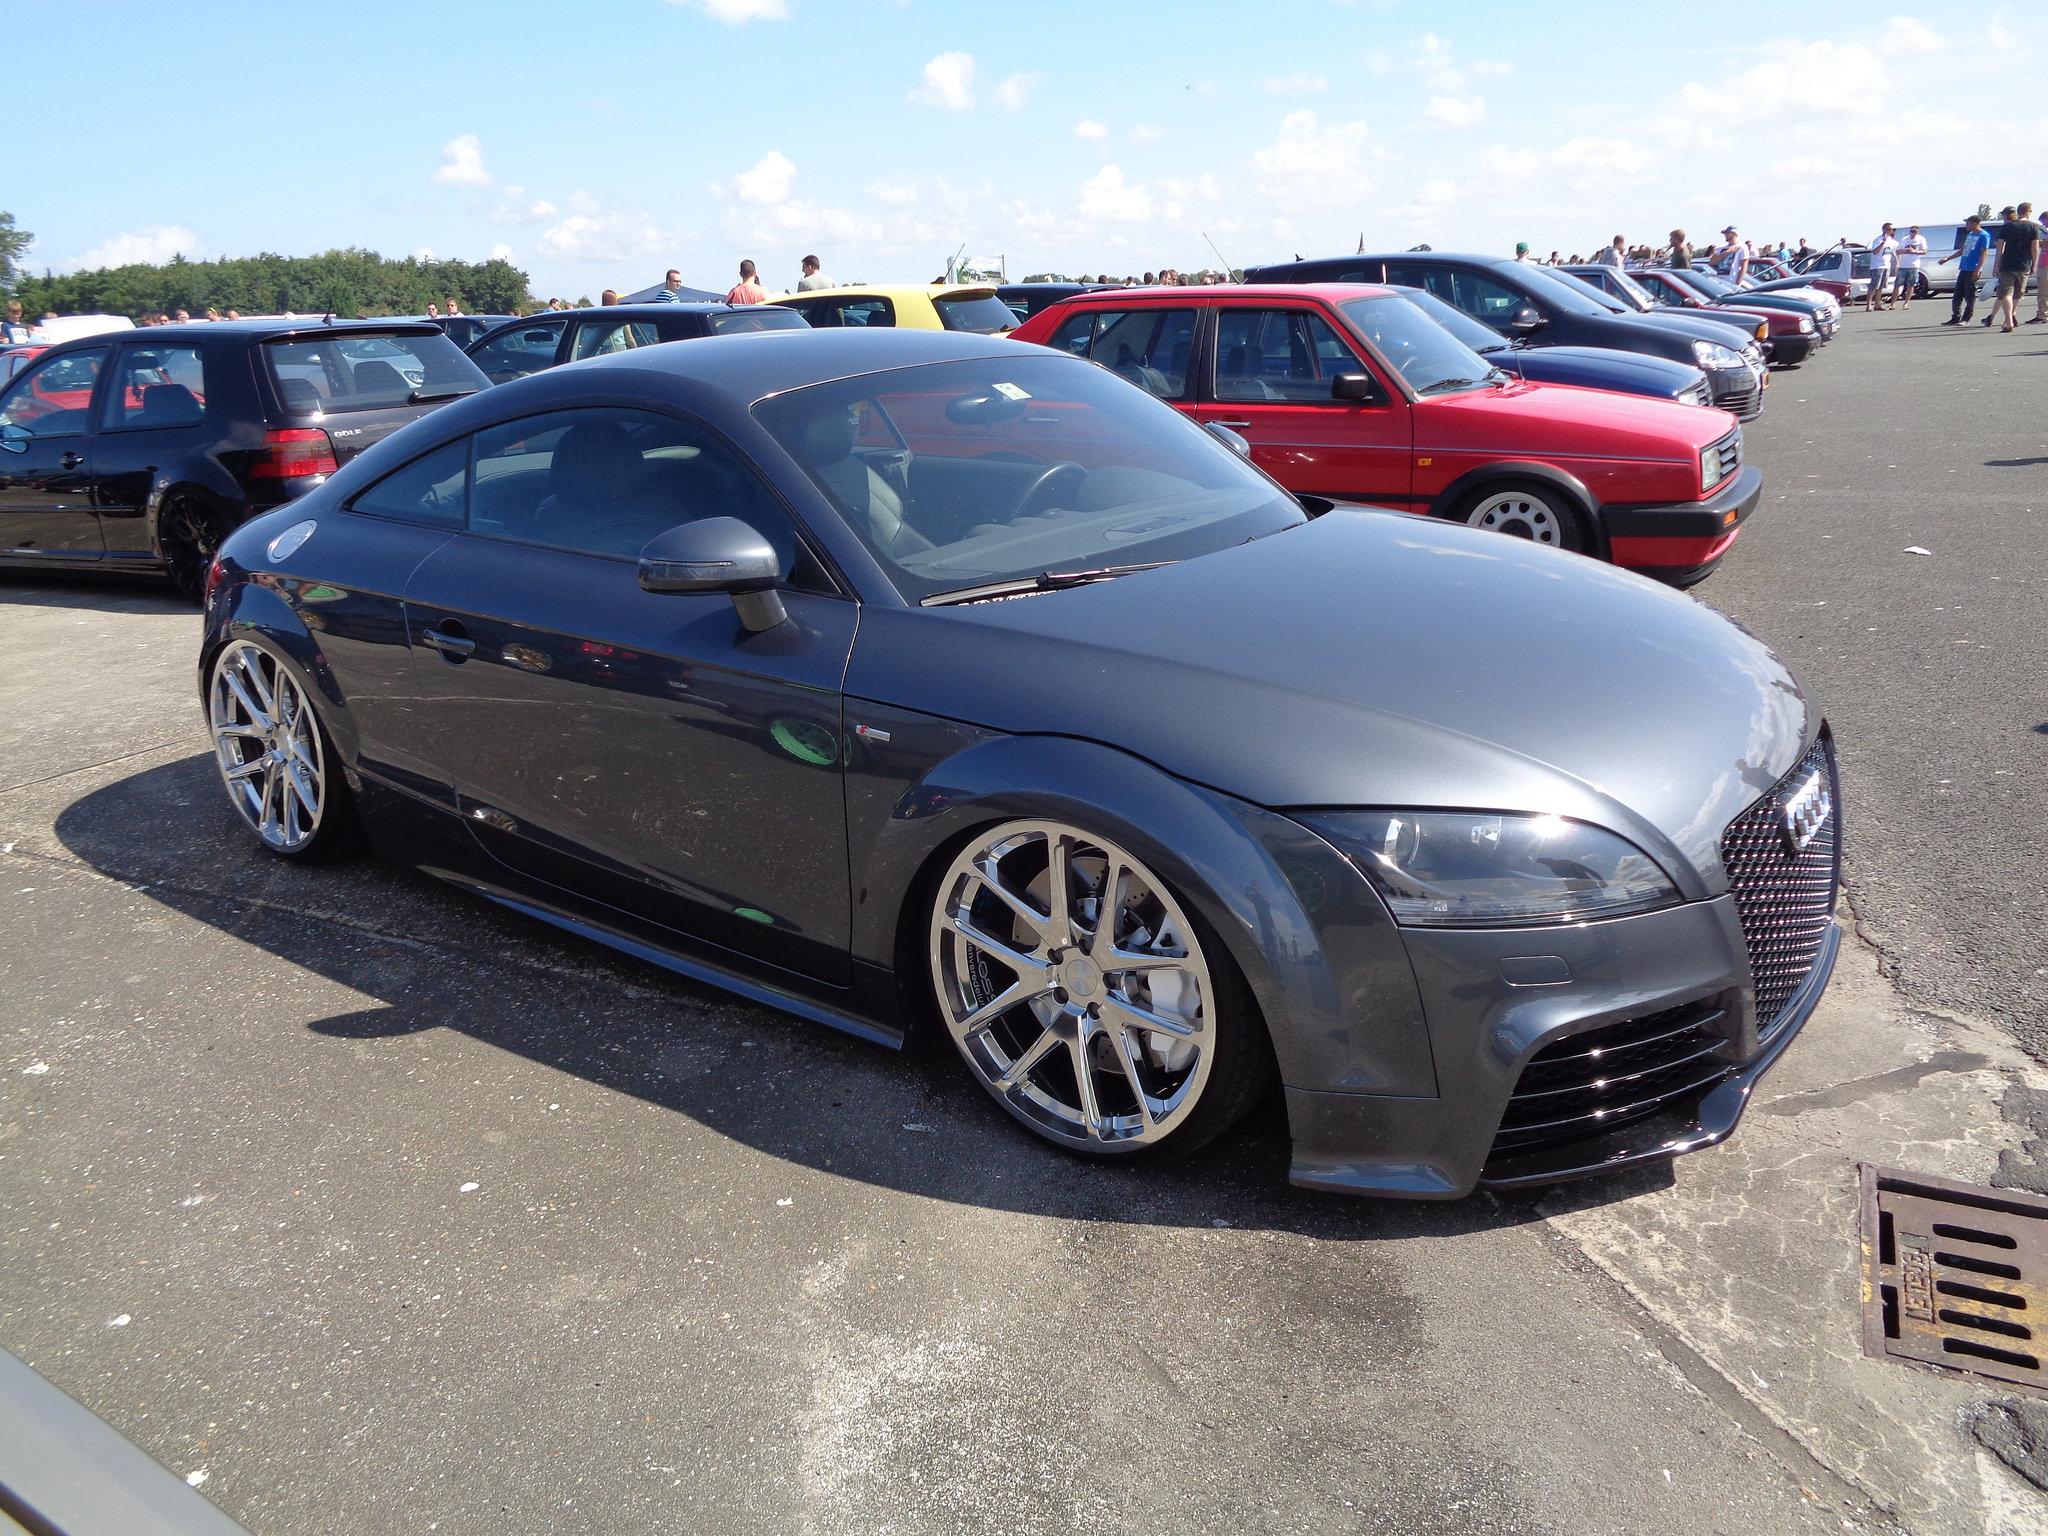 Audi Tt Tuning 8j 1 Tuning